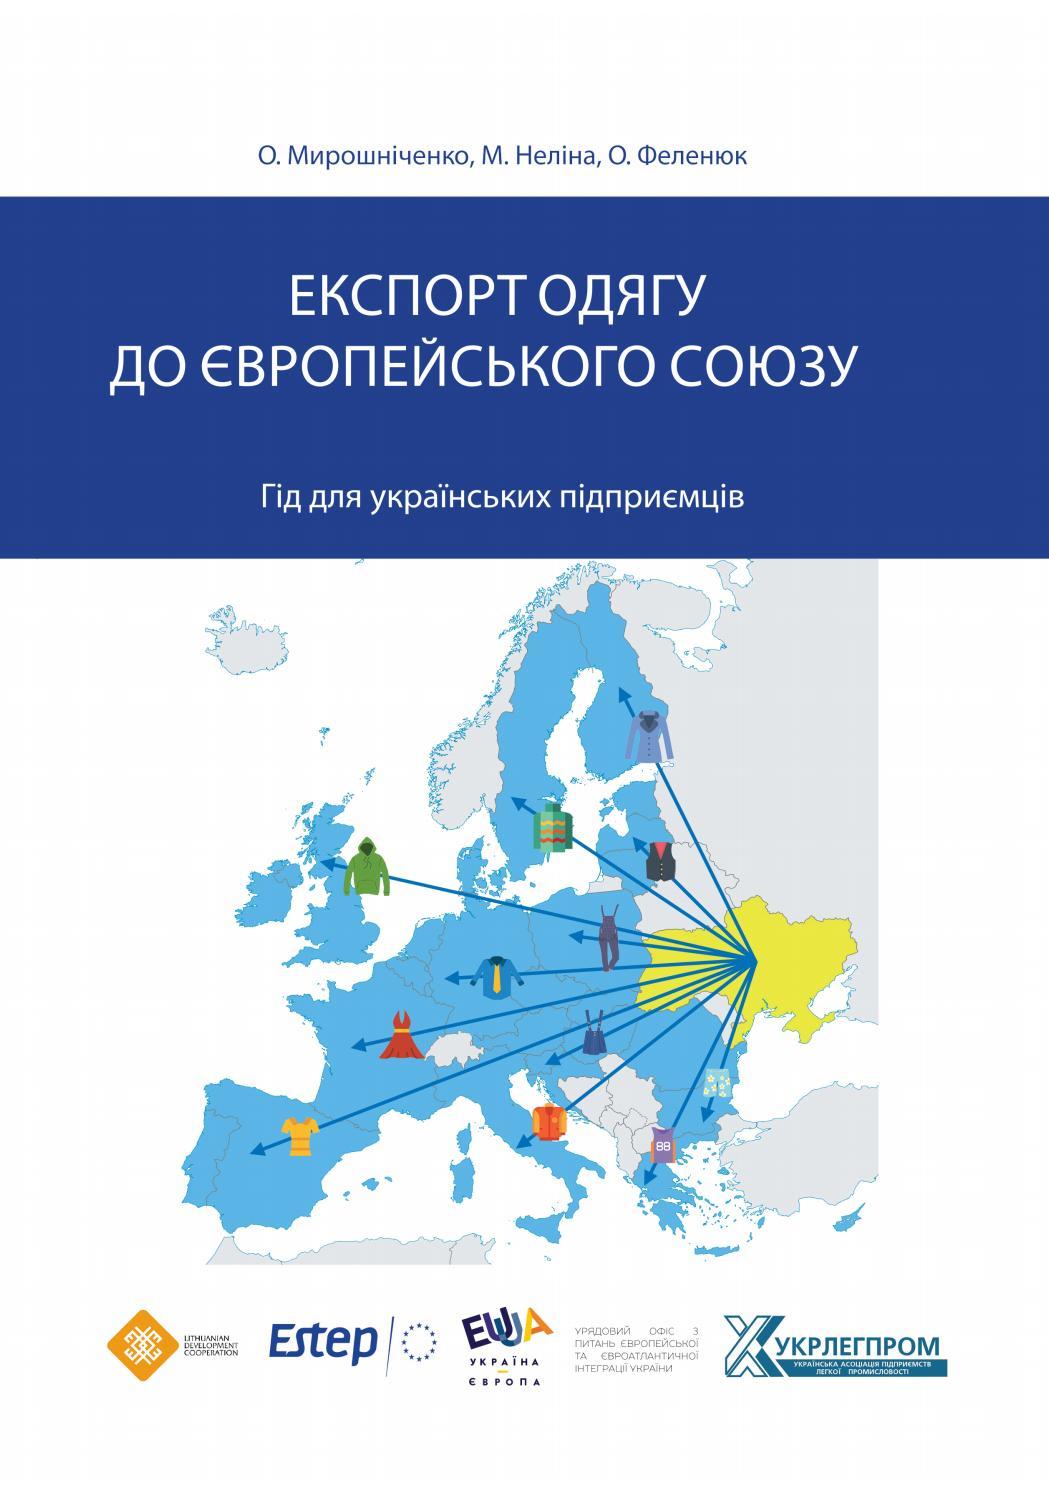 cf33e5ec64c9f1 Експорт одягу до єс: Гід для українських підприємців by Oleh Myroshnichenko  - issuu